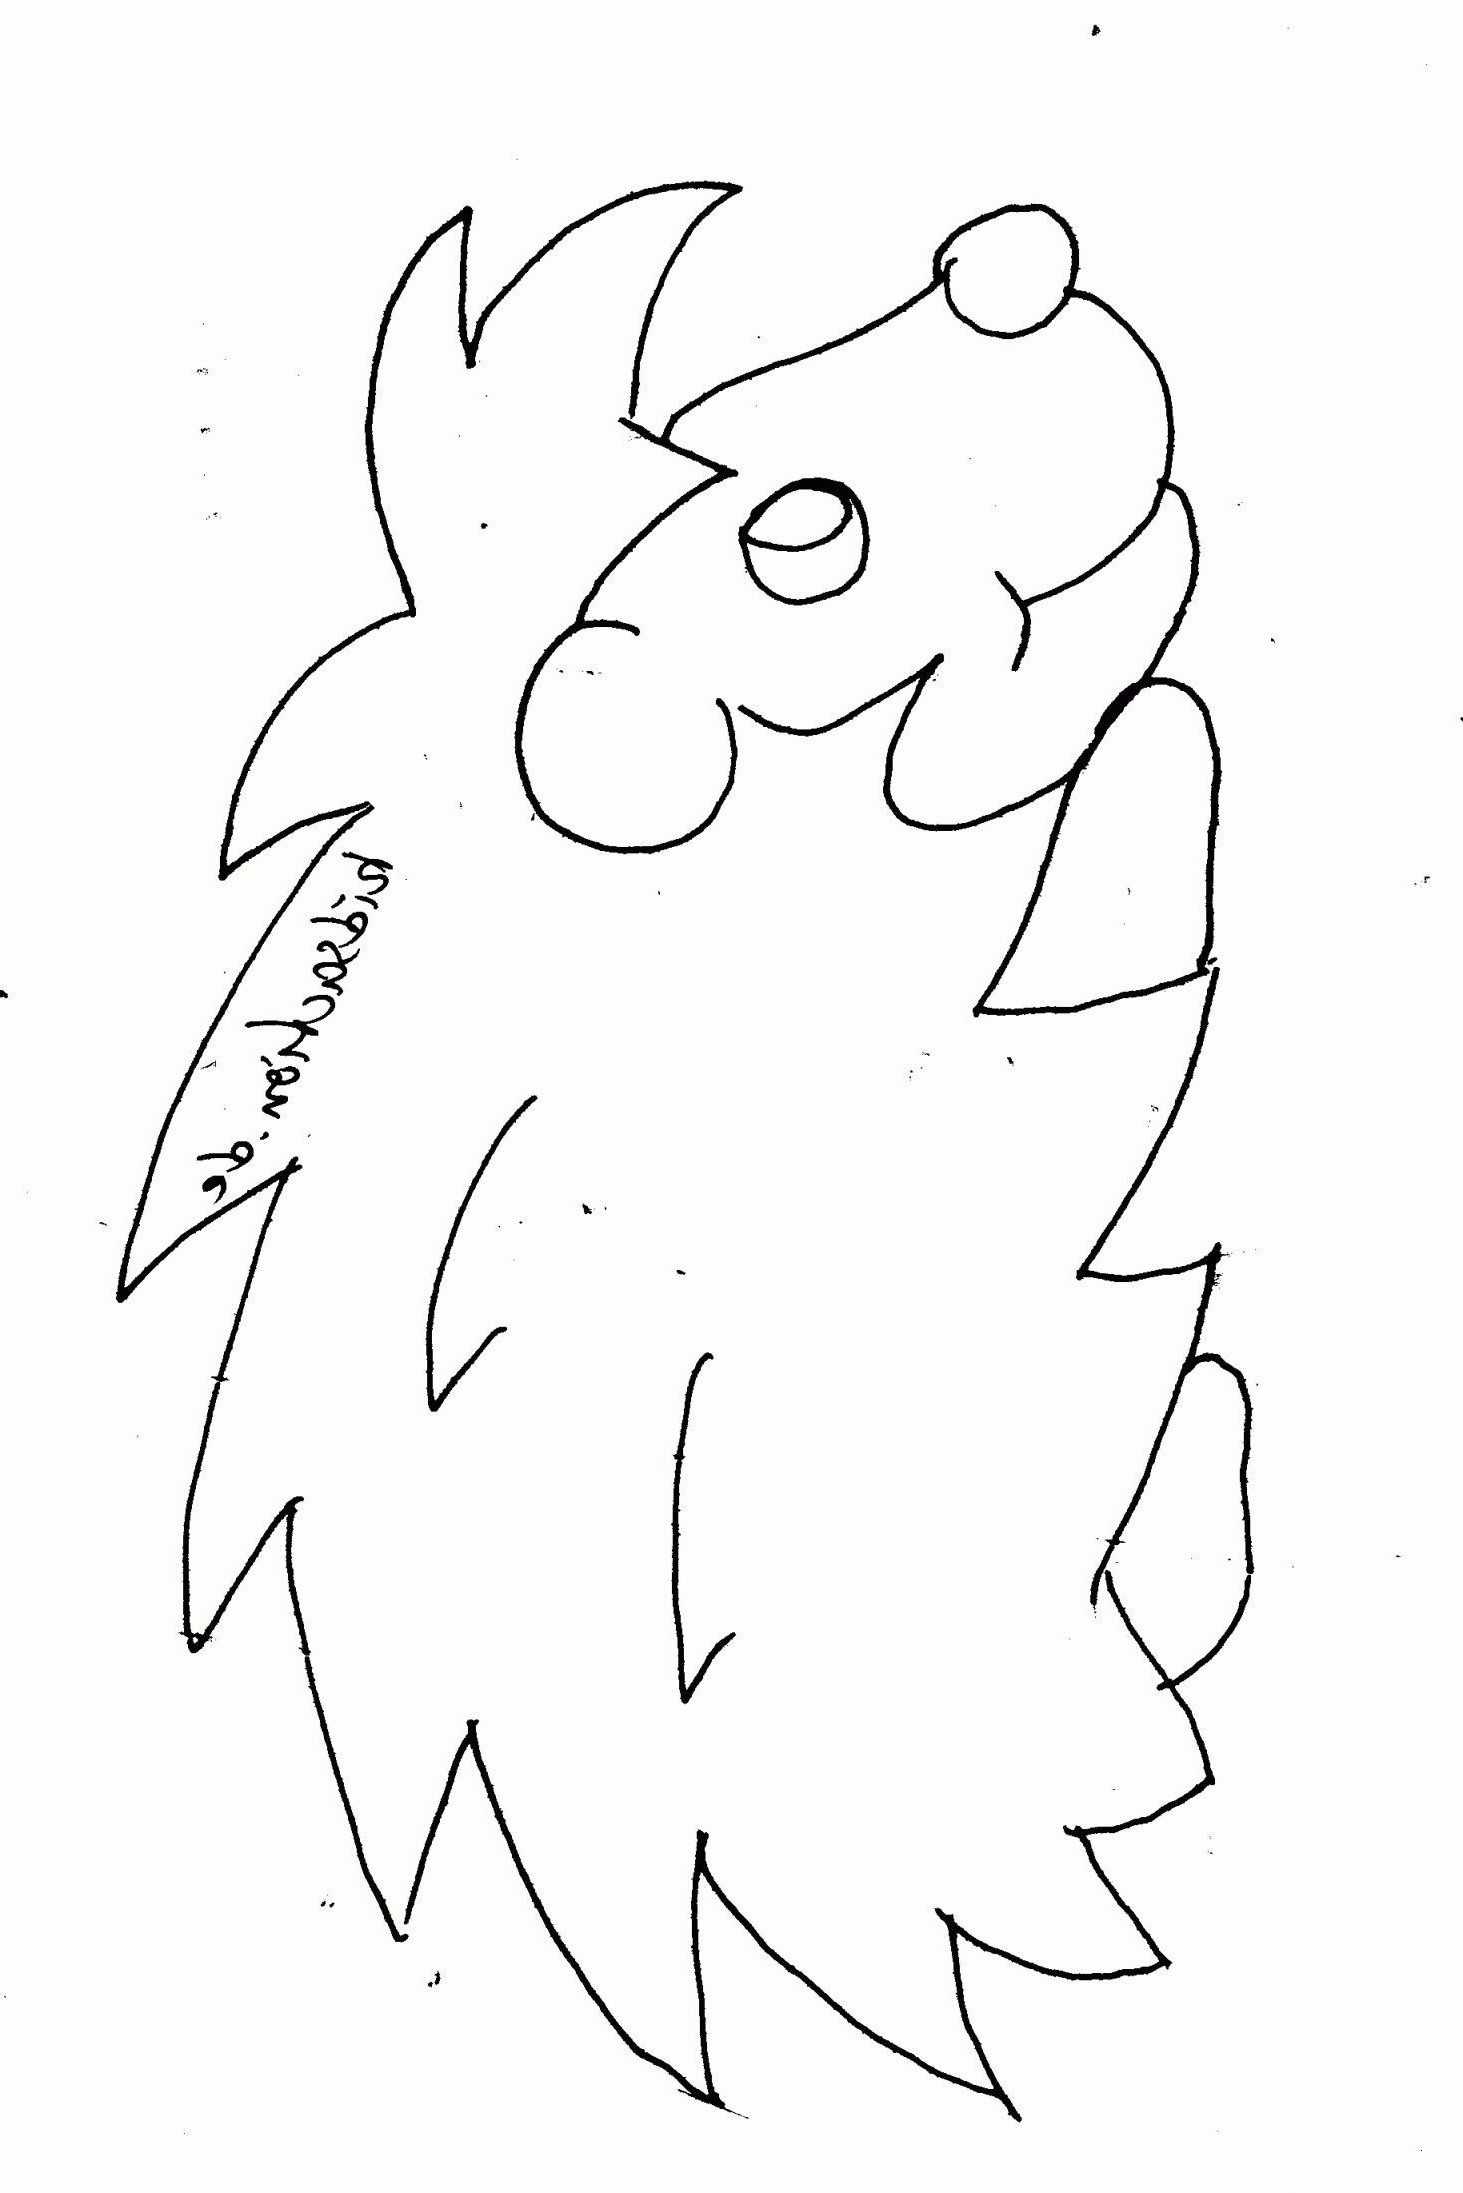 Winnie Pooh Malvorlage Einzigartig 28 Inspirierend Ausmalbild Super Mario – Malvorlagen Ideen Das Bild